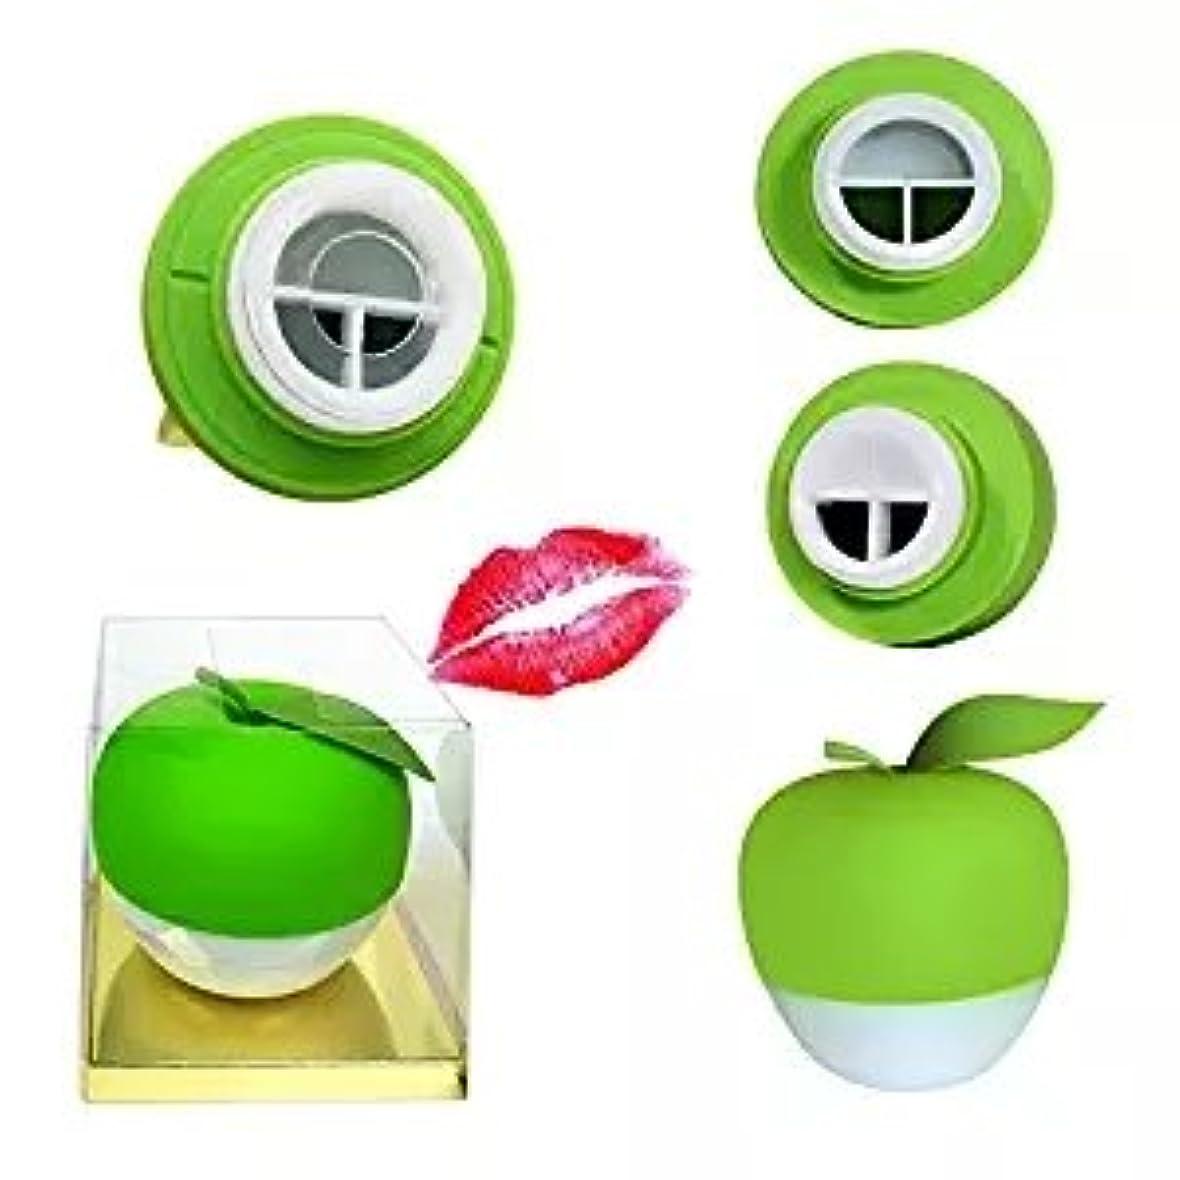 素敵な一貫性のない気絶させるYartar リップエンハンサー セクシーリップス  シリコン製 コンパクト ピンク Lip Plumper (グリーン)